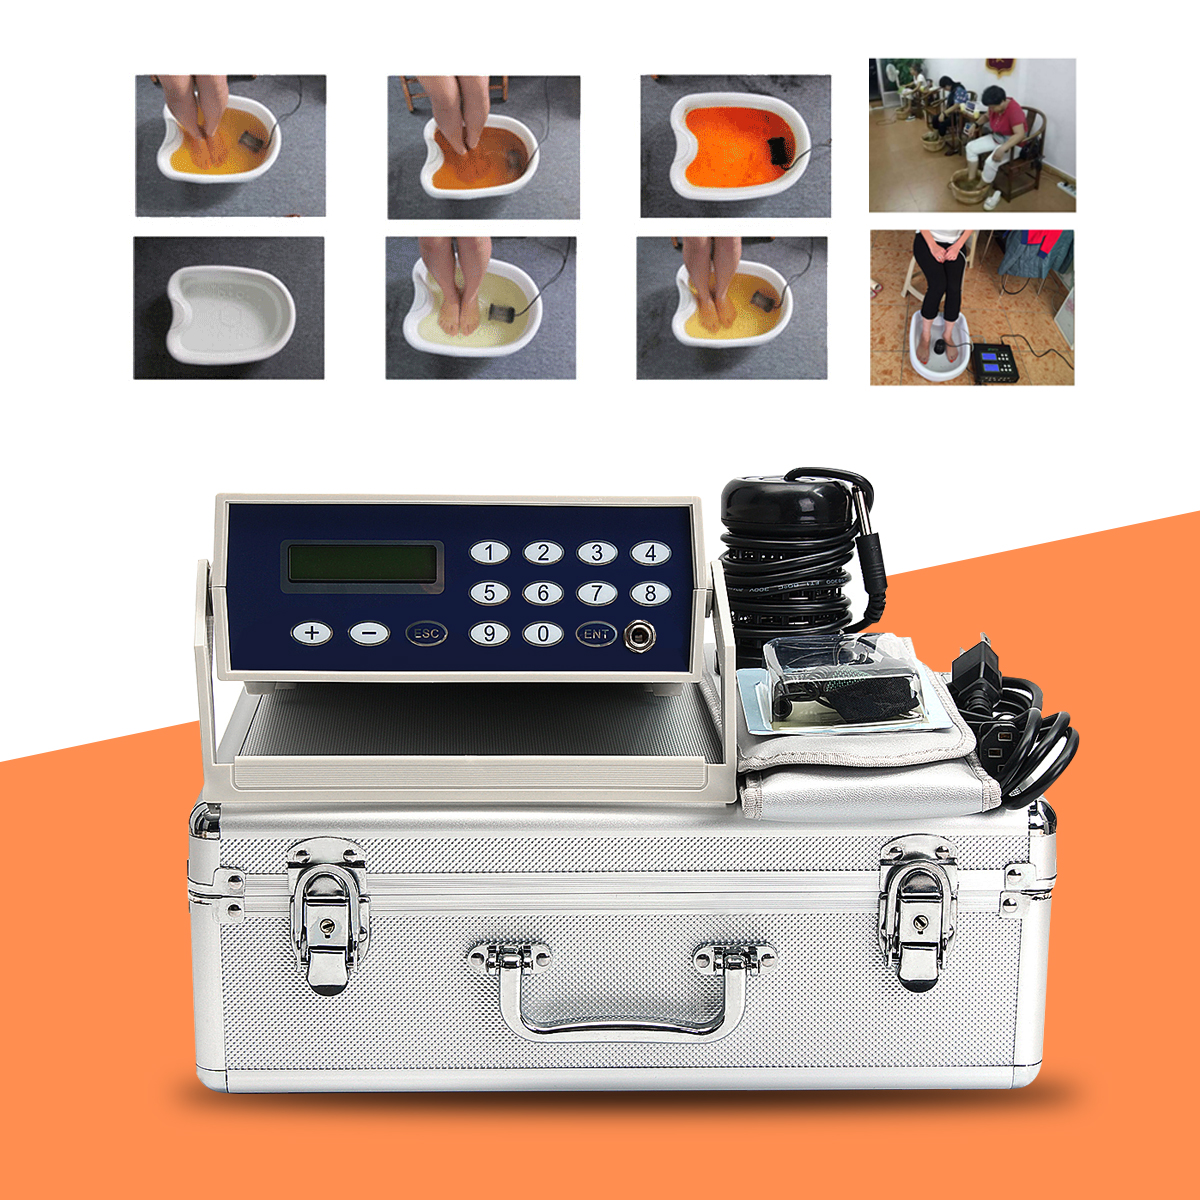 Désintoxication soins des pieds Machine Cellulaire Ion Ionique Aqua Bain De Pieds SPA Cleanse Machine Sapin Ceinture Boîte PEUT bain de pieds de massage soulagement de la douleur machine